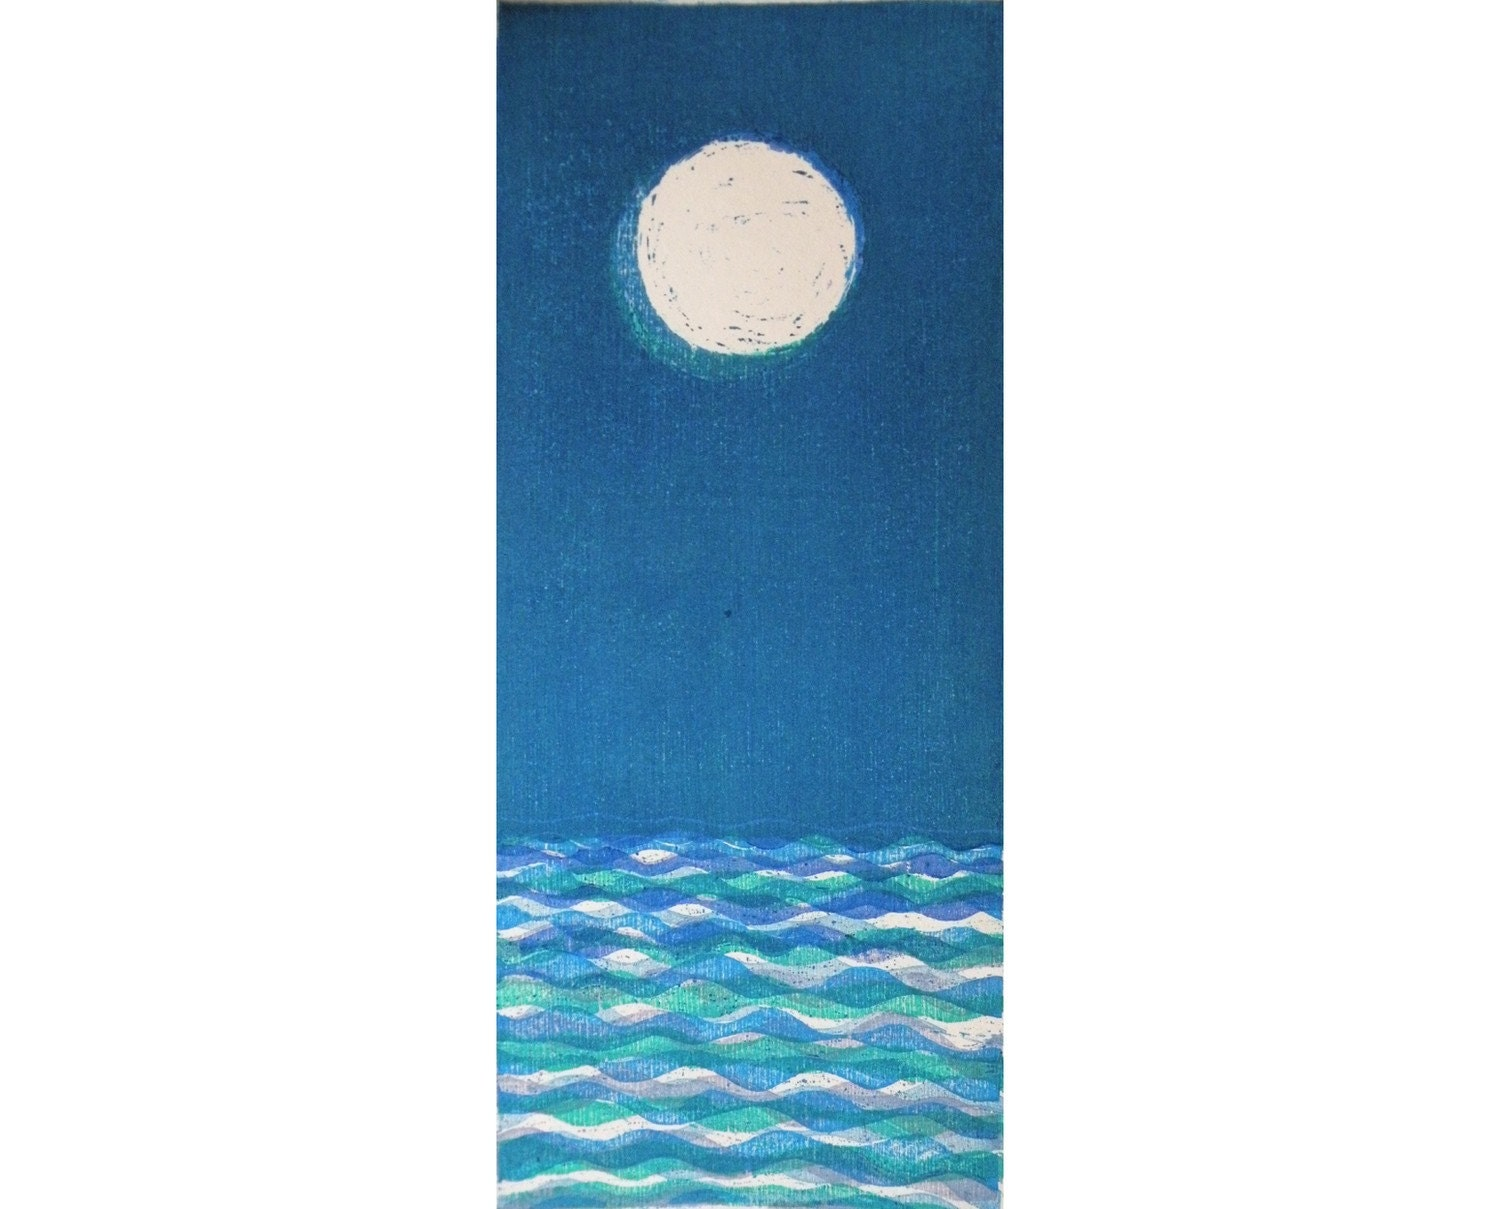 Moon and Sea II (original moku hanga woodcut)